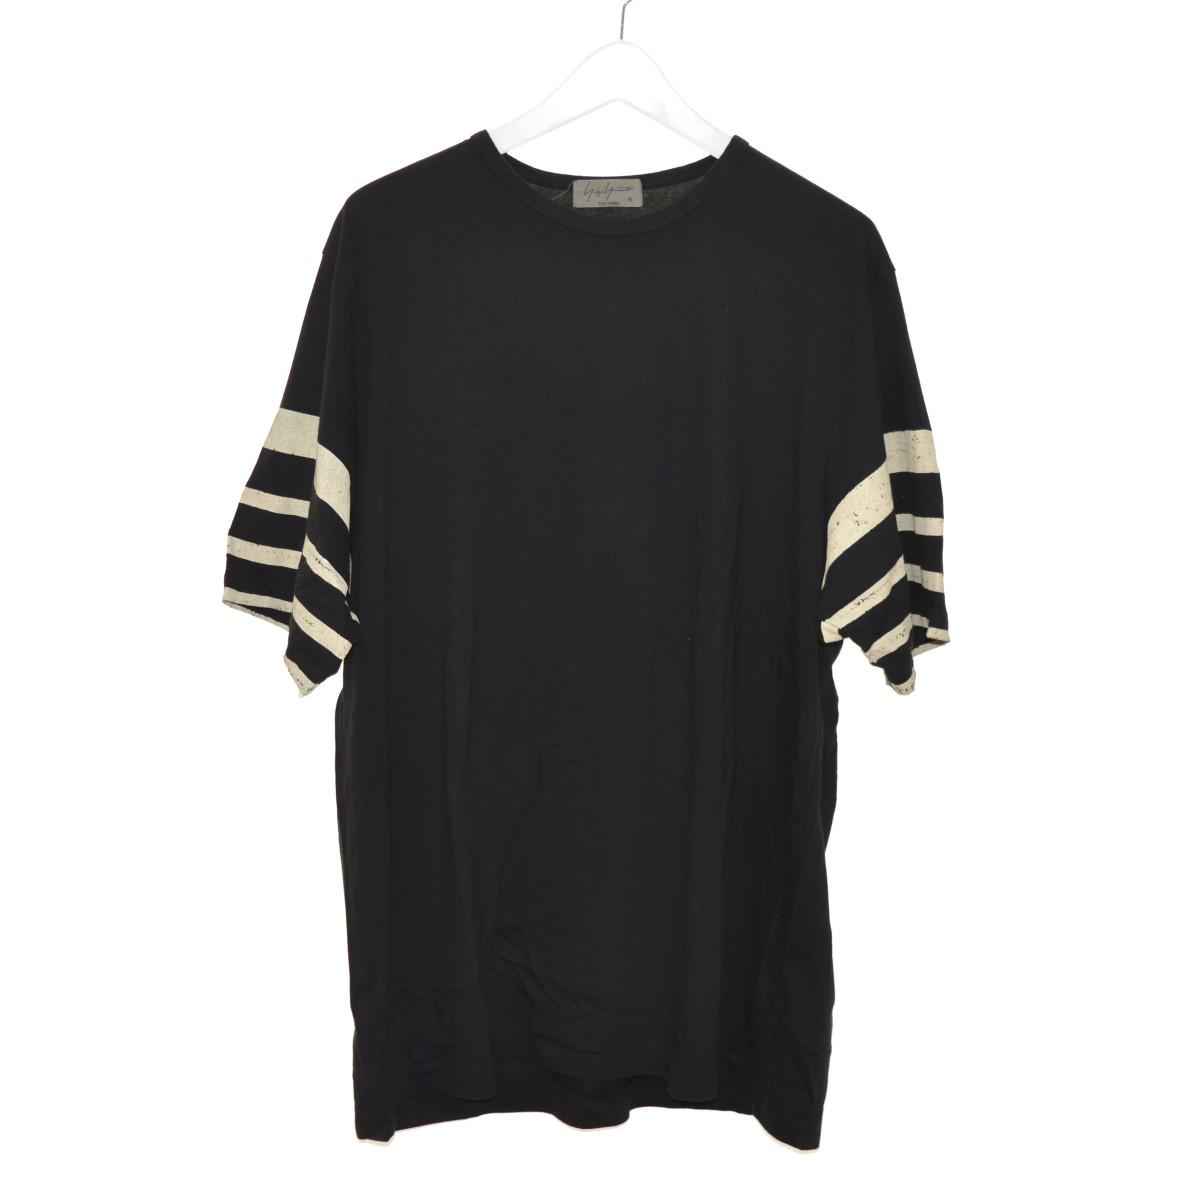 トップス, Tシャツ・カットソー YOHJI YAMAMOTO 17SS T 3 210821